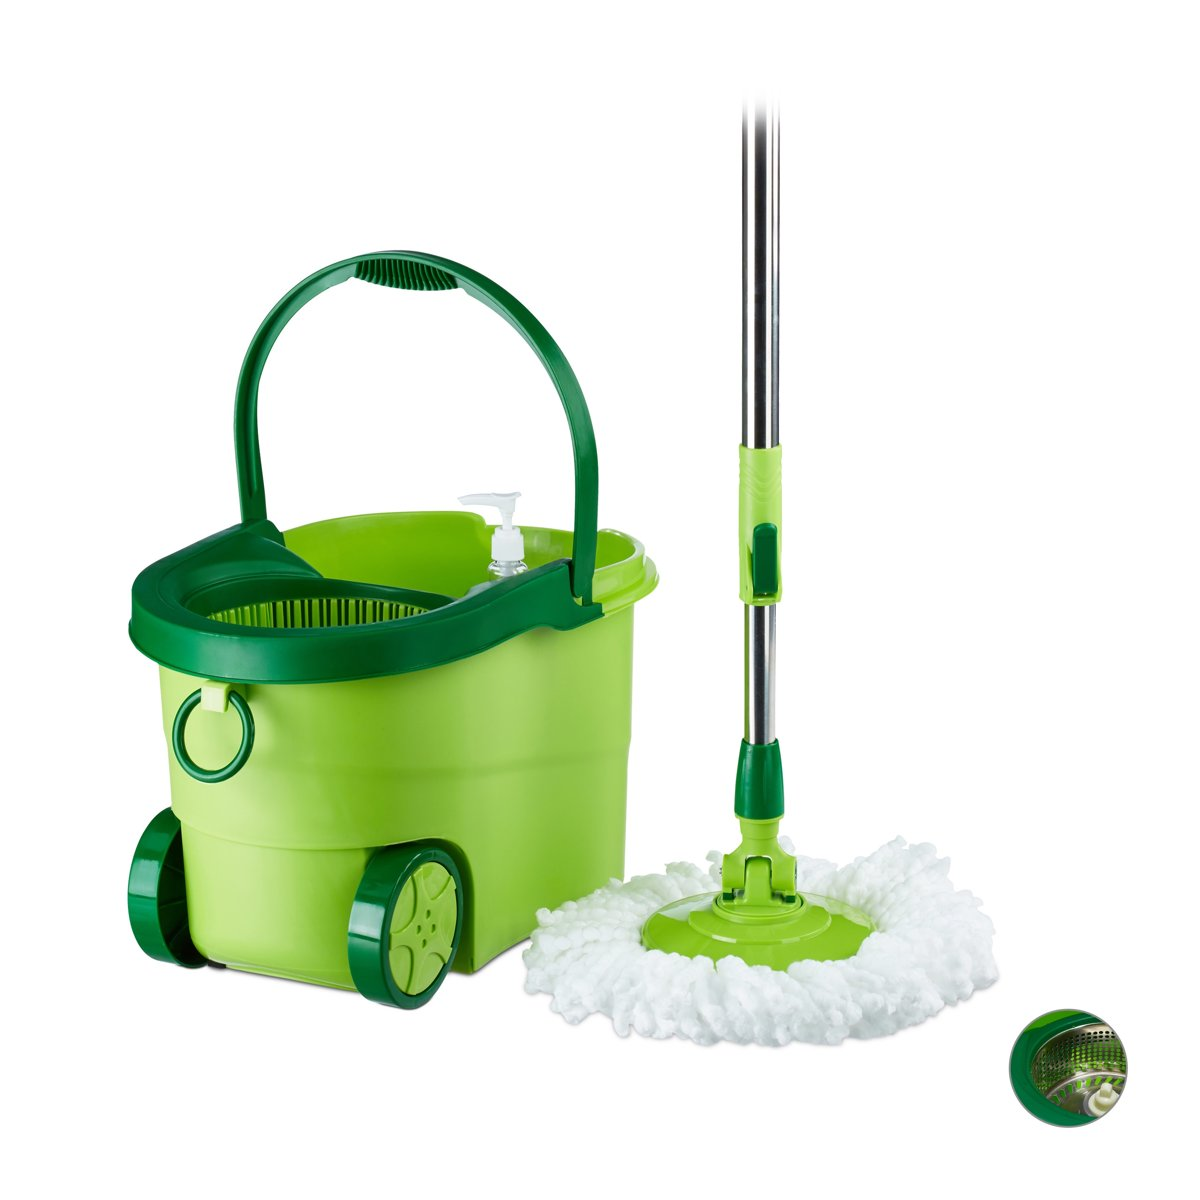 relaxdays Power Mop MOBIL met emmer - mopset - vloerwissersysteem - mop systeem - set Kunststof kopen